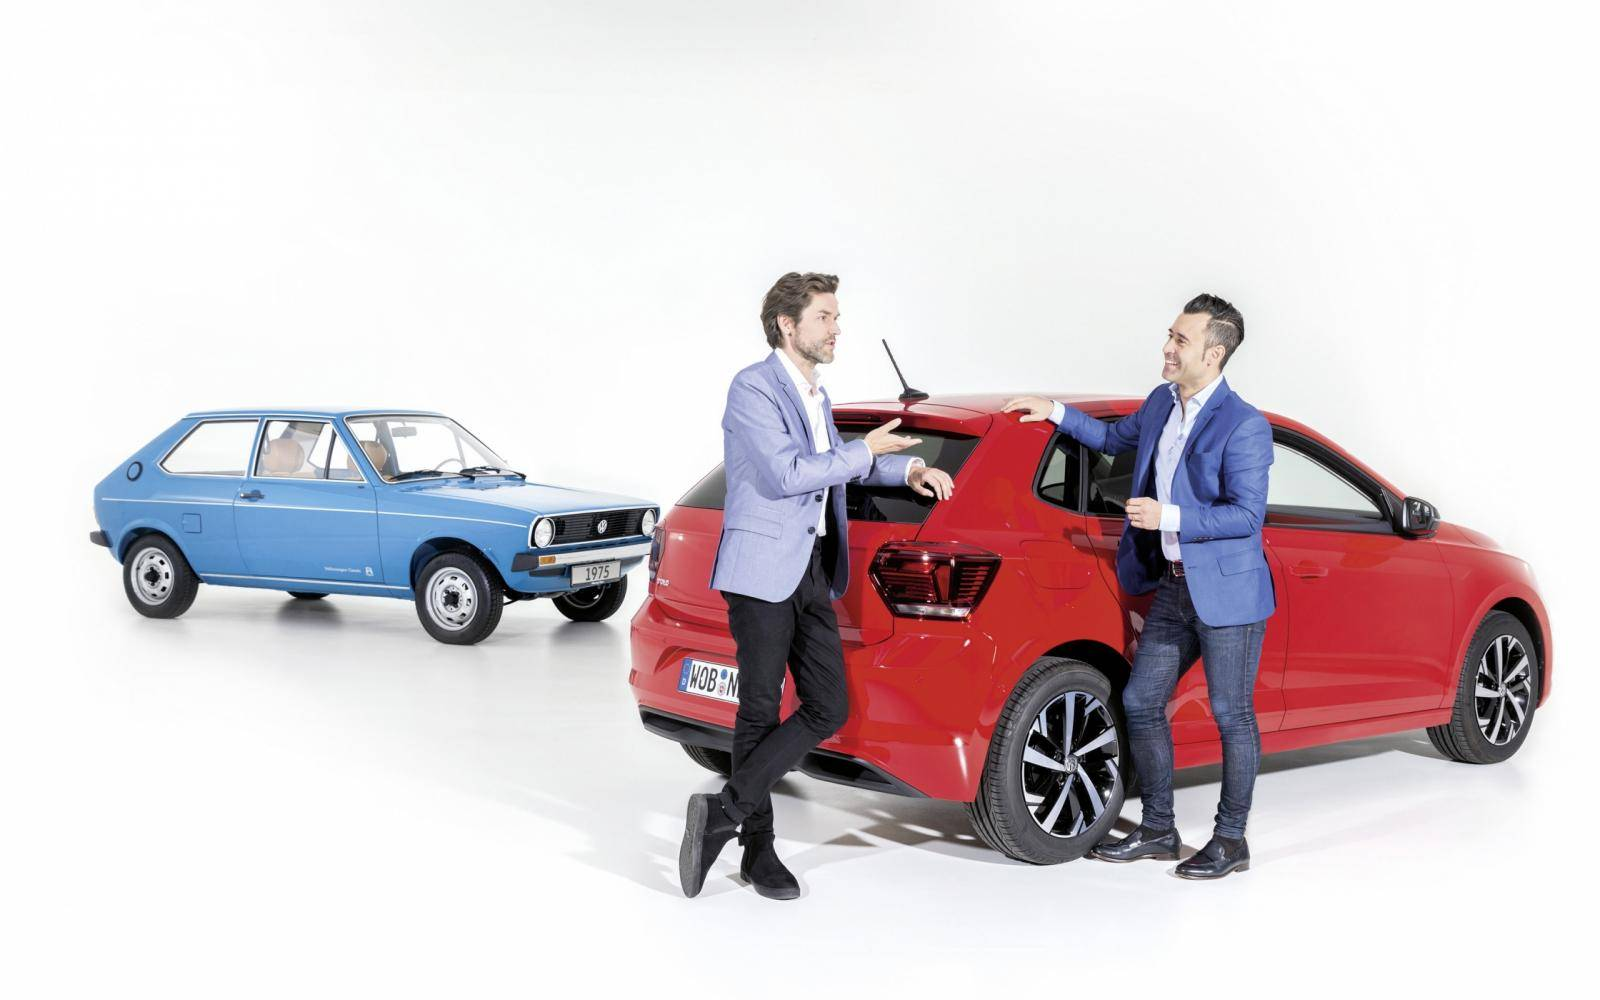 Waarom is een tweedehands auto kopen in coronatijd zo populair?